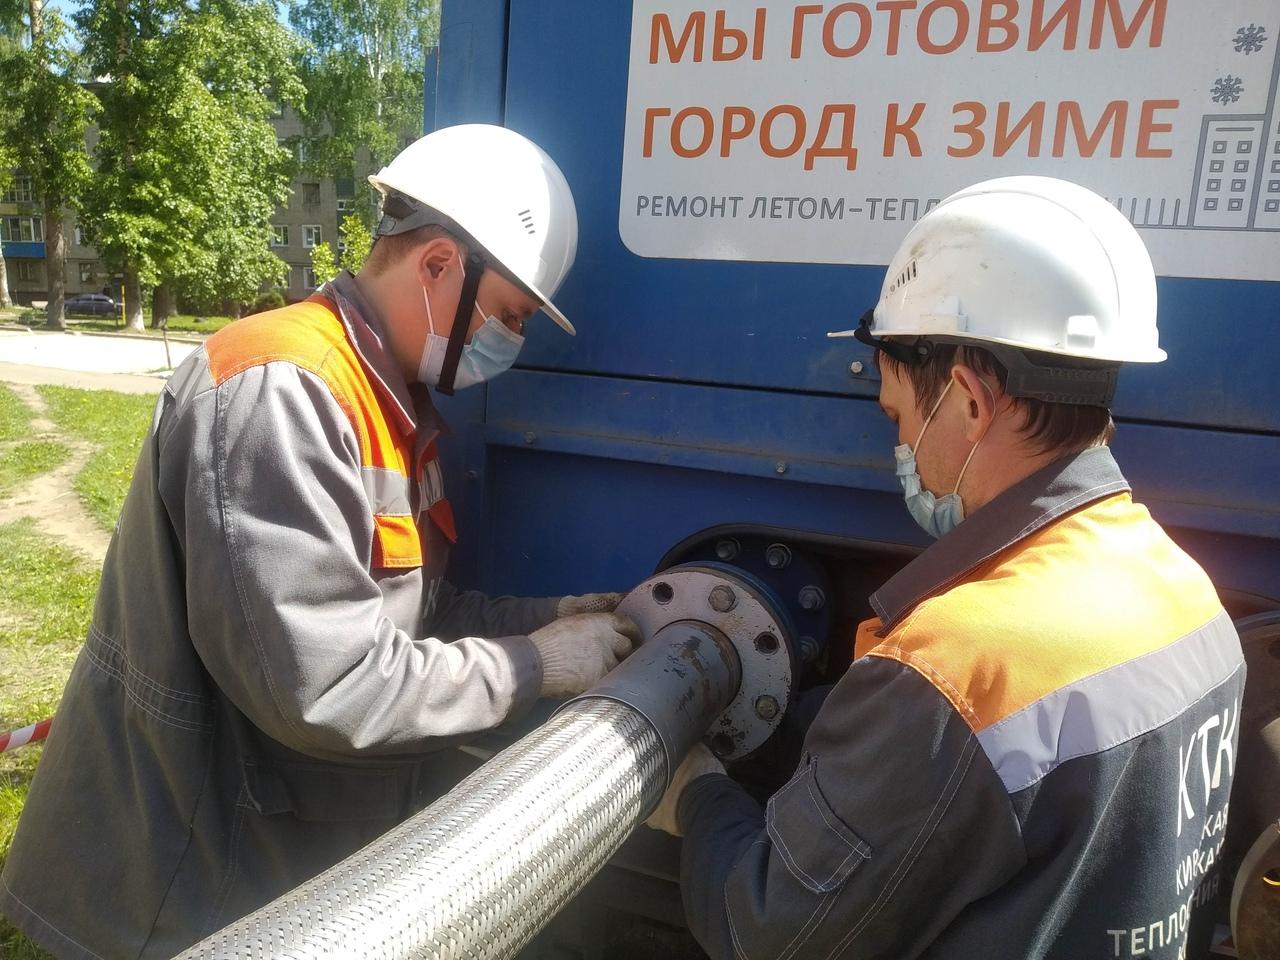 Сто участков теплосетей Кирово-Чепецка проверили  повышенным давлением